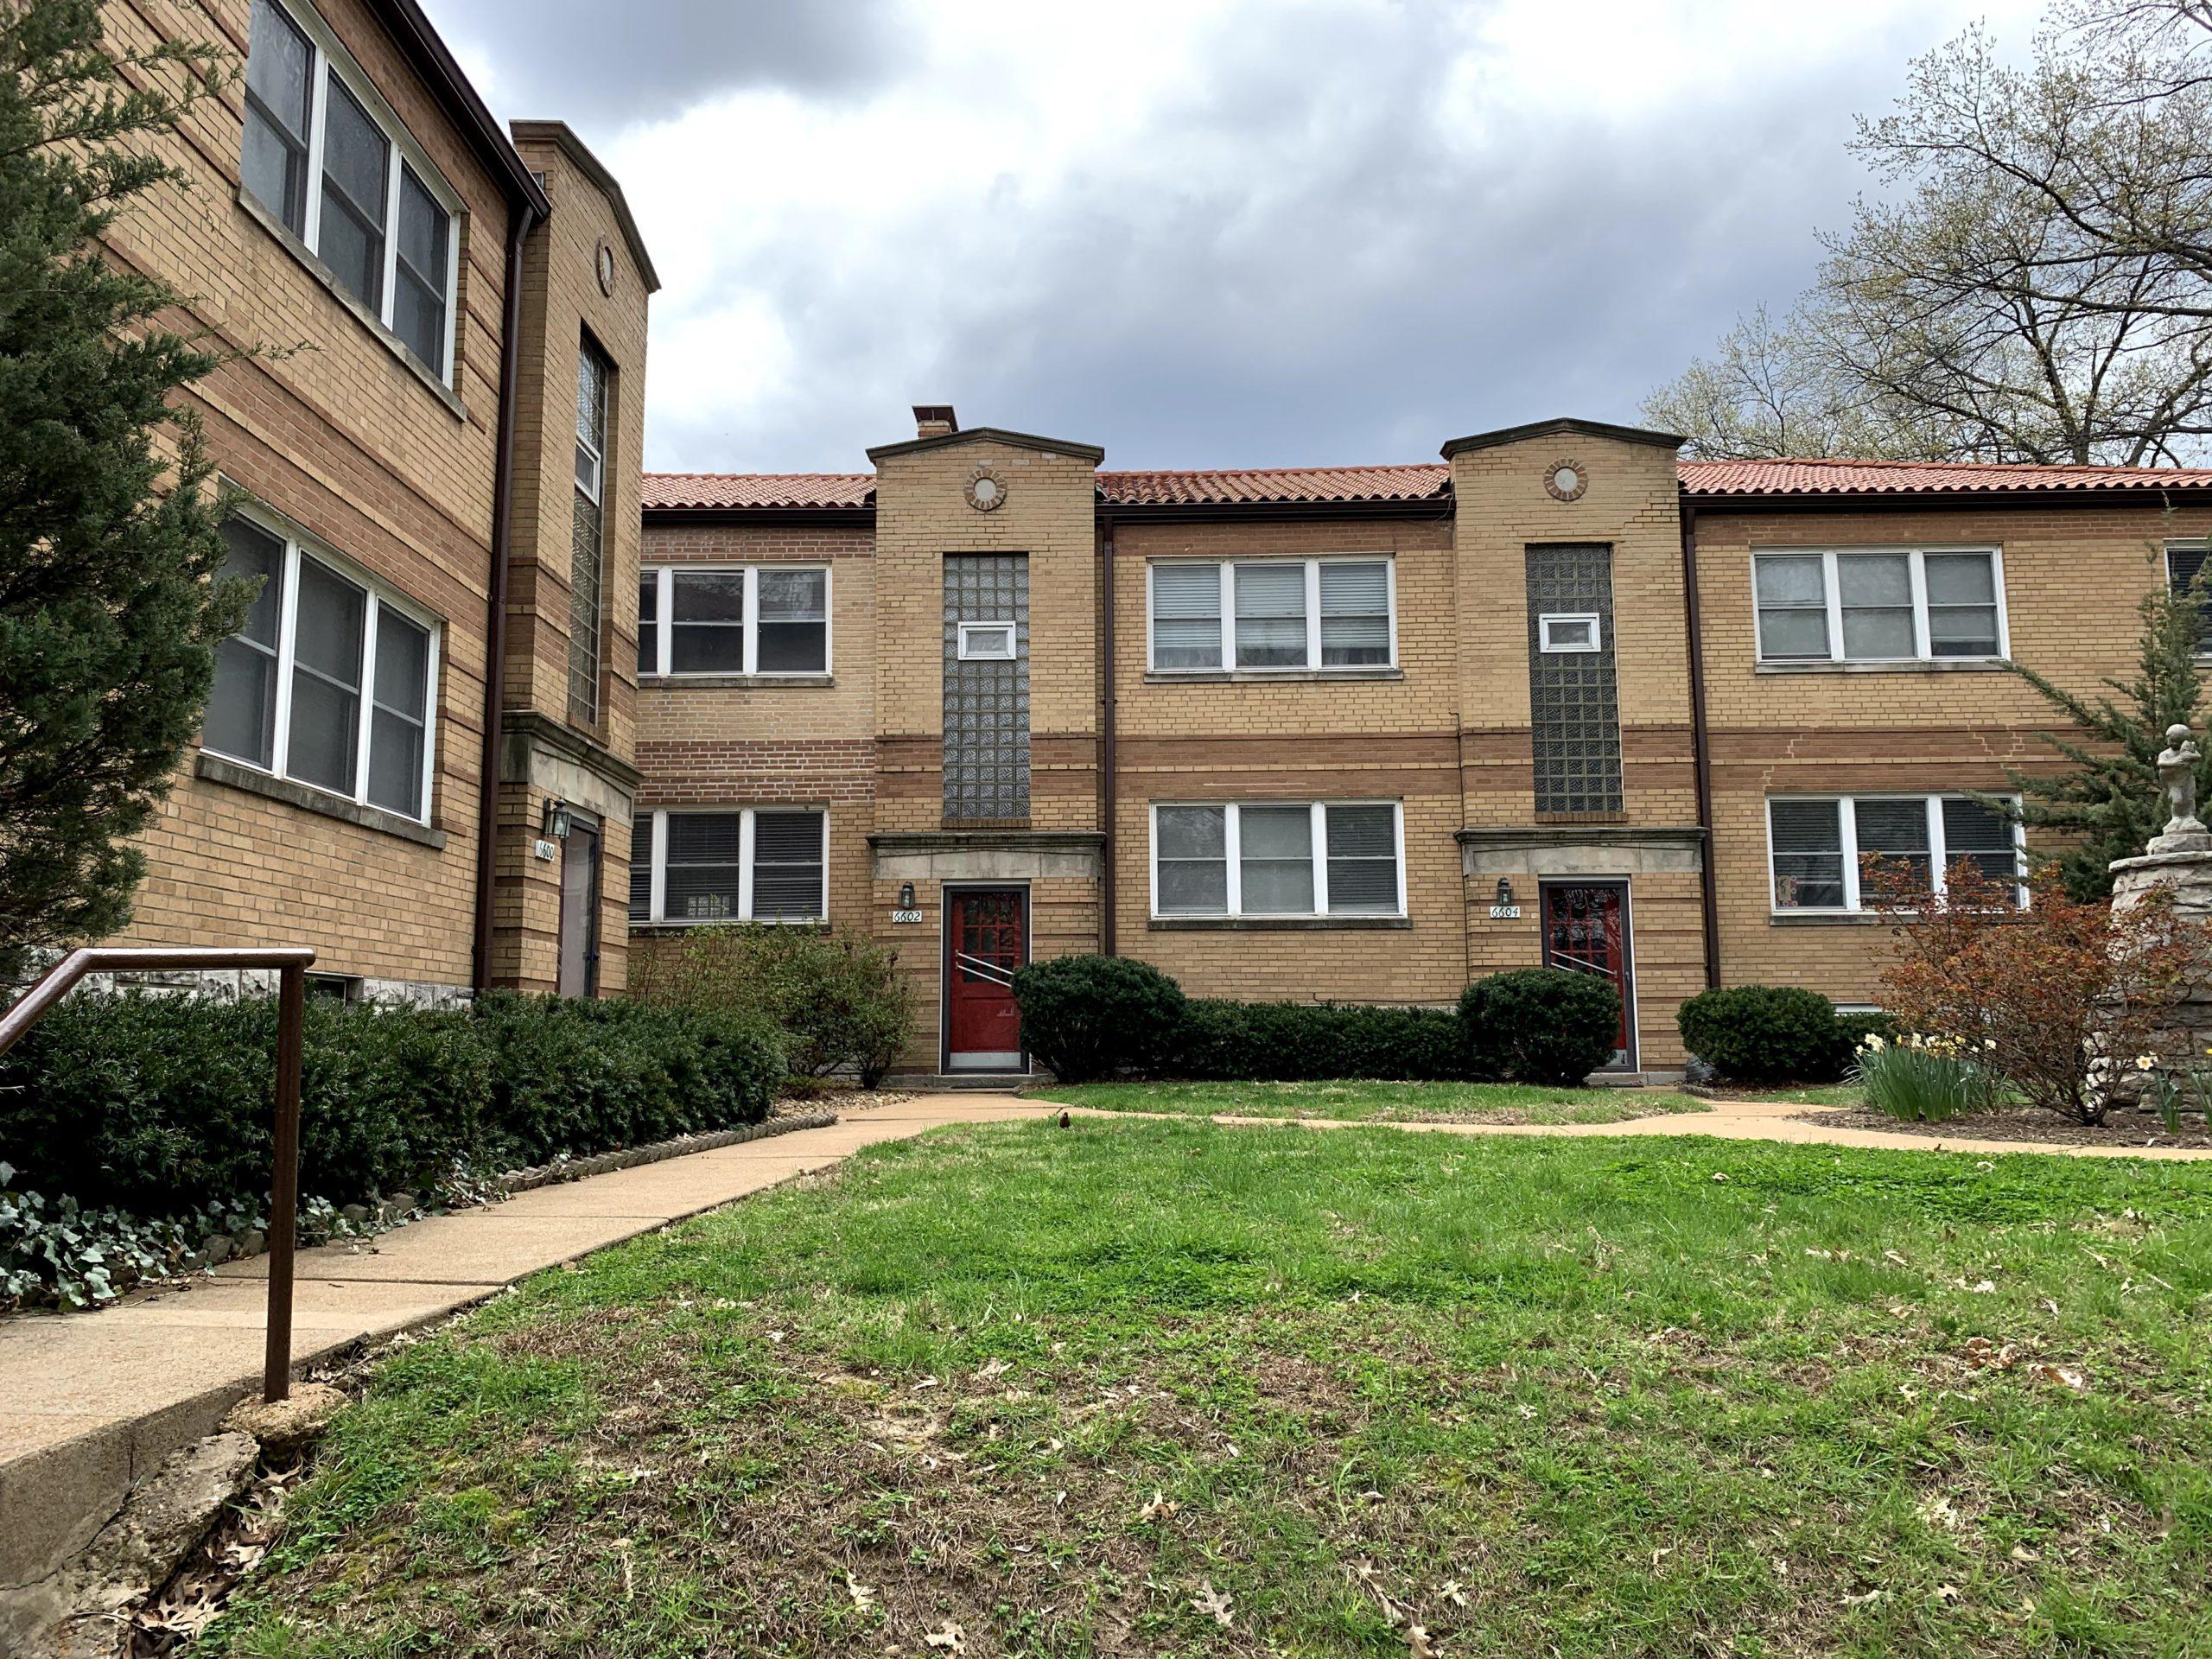 6600 Devonshire #6 St Louis MO 63109 / St Louis Hills Condo